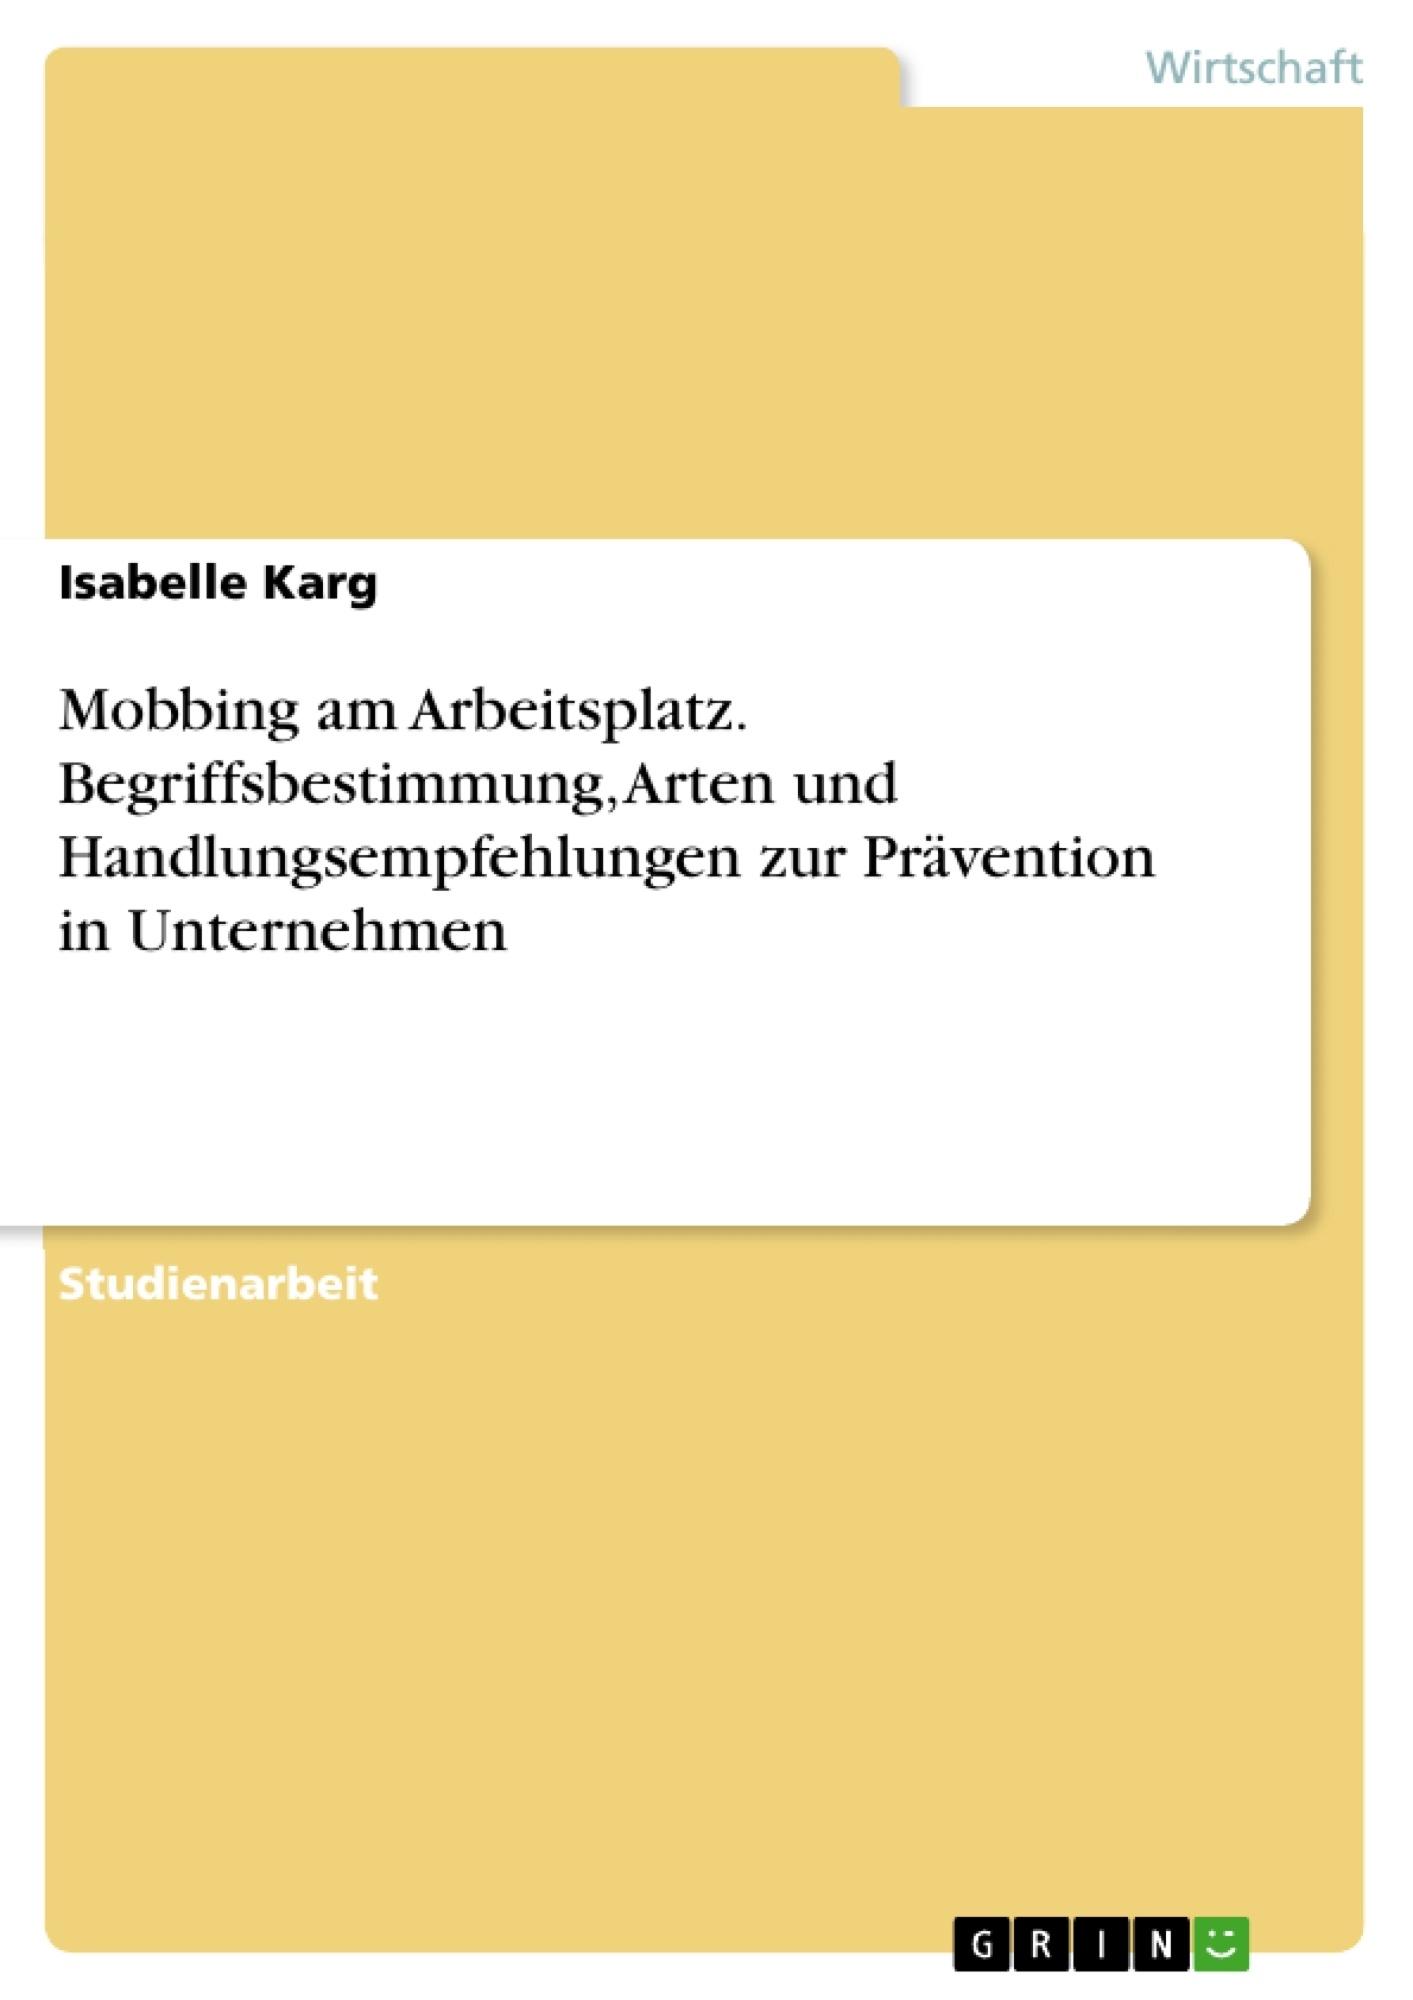 Titel: Mobbing am Arbeitsplatz. Begriffsbestimmung, Arten und Handlungsempfehlungen zur Prävention in Unternehmen